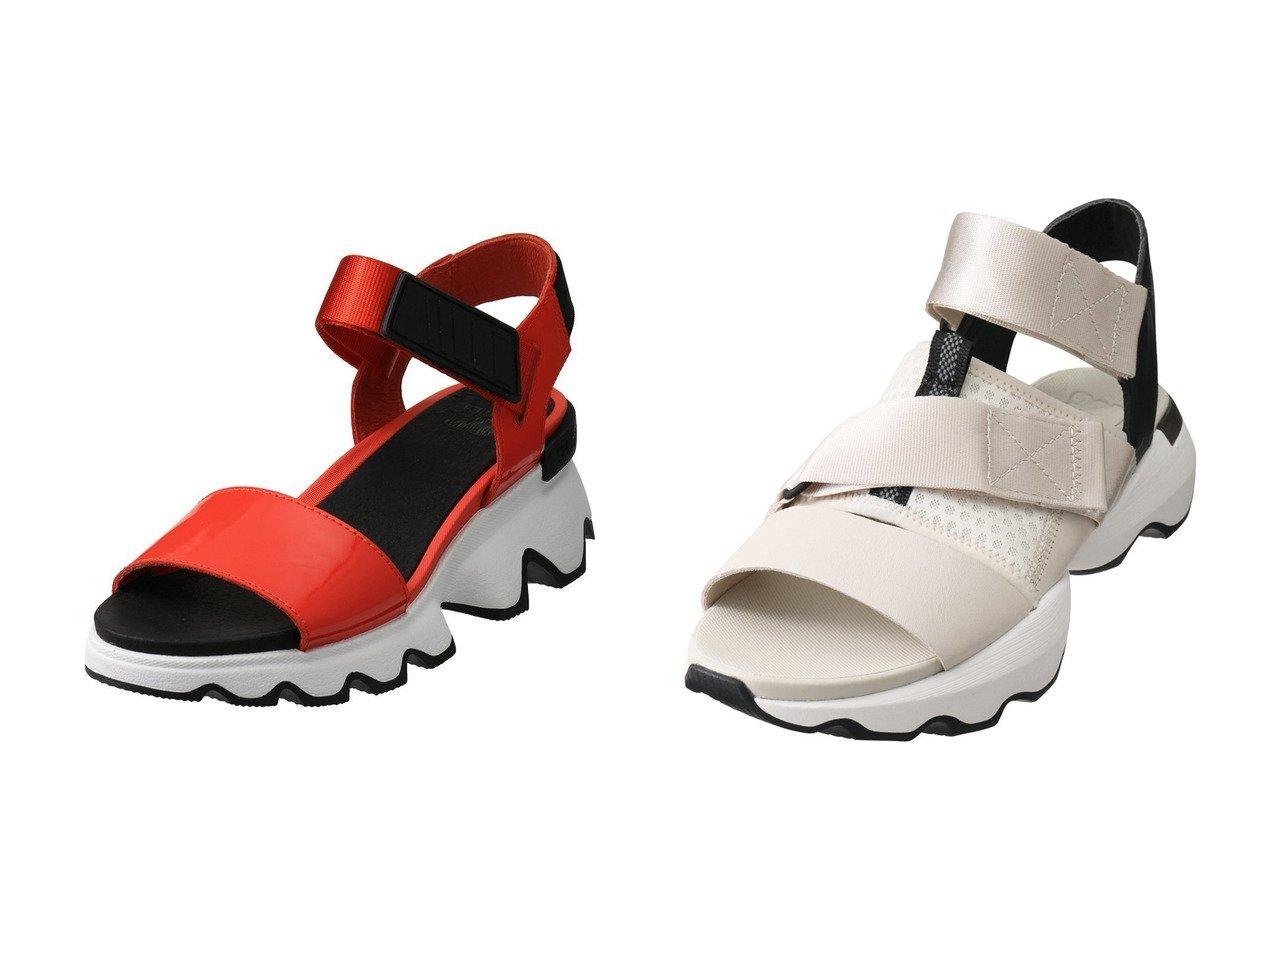 【SOREL/ソレル】のキネティックサンダル&キネティックインパクトサンダル 【シューズ・靴】おすすめ!人気、トレンド・レディースファッションの通販 おすすめで人気の流行・トレンド、ファッションの通販商品 メンズファッション・キッズファッション・インテリア・家具・レディースファッション・服の通販 founy(ファニー) https://founy.com/ ファッション Fashion レディースファッション WOMEN サンダル スポーツ トレンド 人気 今季 S/S・春夏 SS・Spring/Summer スポーティ フェミニン 春 Spring |ID:crp329100000035463